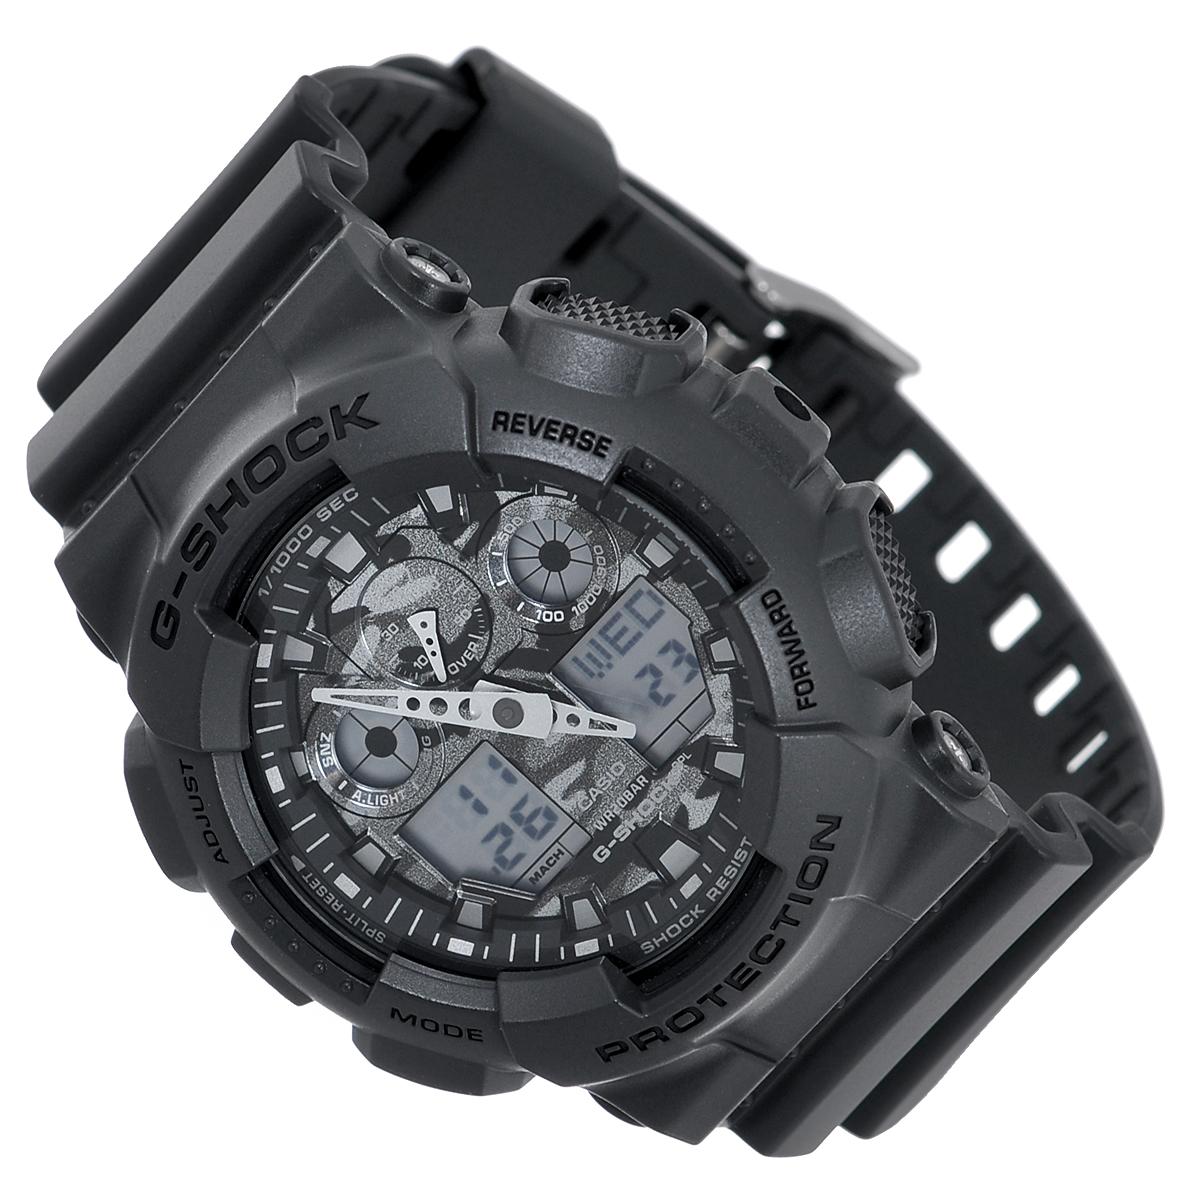 Часы мужские наручные Casio G-Shock, цвет: темно-серый. GA-100CF-8AGA-100CF-8AСтильные кварцевые часы G-Shock от японского брэнда Casio - это яркий функциональный аксессуар для современных людей, которые стремятся выделиться из толпы и подчеркнуть свою индивидуальность. Часы выполнены в спортивном стиле. Корпус имеет ударопрочную конструкцию, защищающую механизм от ударов и вибрации. Циферблат с отметками и двумя стрелками подсвечивается светодиодом. Функция автоподсветки освещает циферблат при повороте часов к лицу. Ремешок из пластика имеет классическую застежку. Основные функции: - 5 будильников, один из которых с функцией Snooze, ежечасный сигнал; - автоматический календарь (число, месяц, день недели, год); - секундомер с точностью показаний 1/1000 с и временем измерения 100 ч; - 12-ти и 24-х часовой формат времени; - таймер обратного отсчета от 1 мин до 24 ч с автоповтором; - мировое время; - сплит-хронограф; - защита от магнитных полей; ...